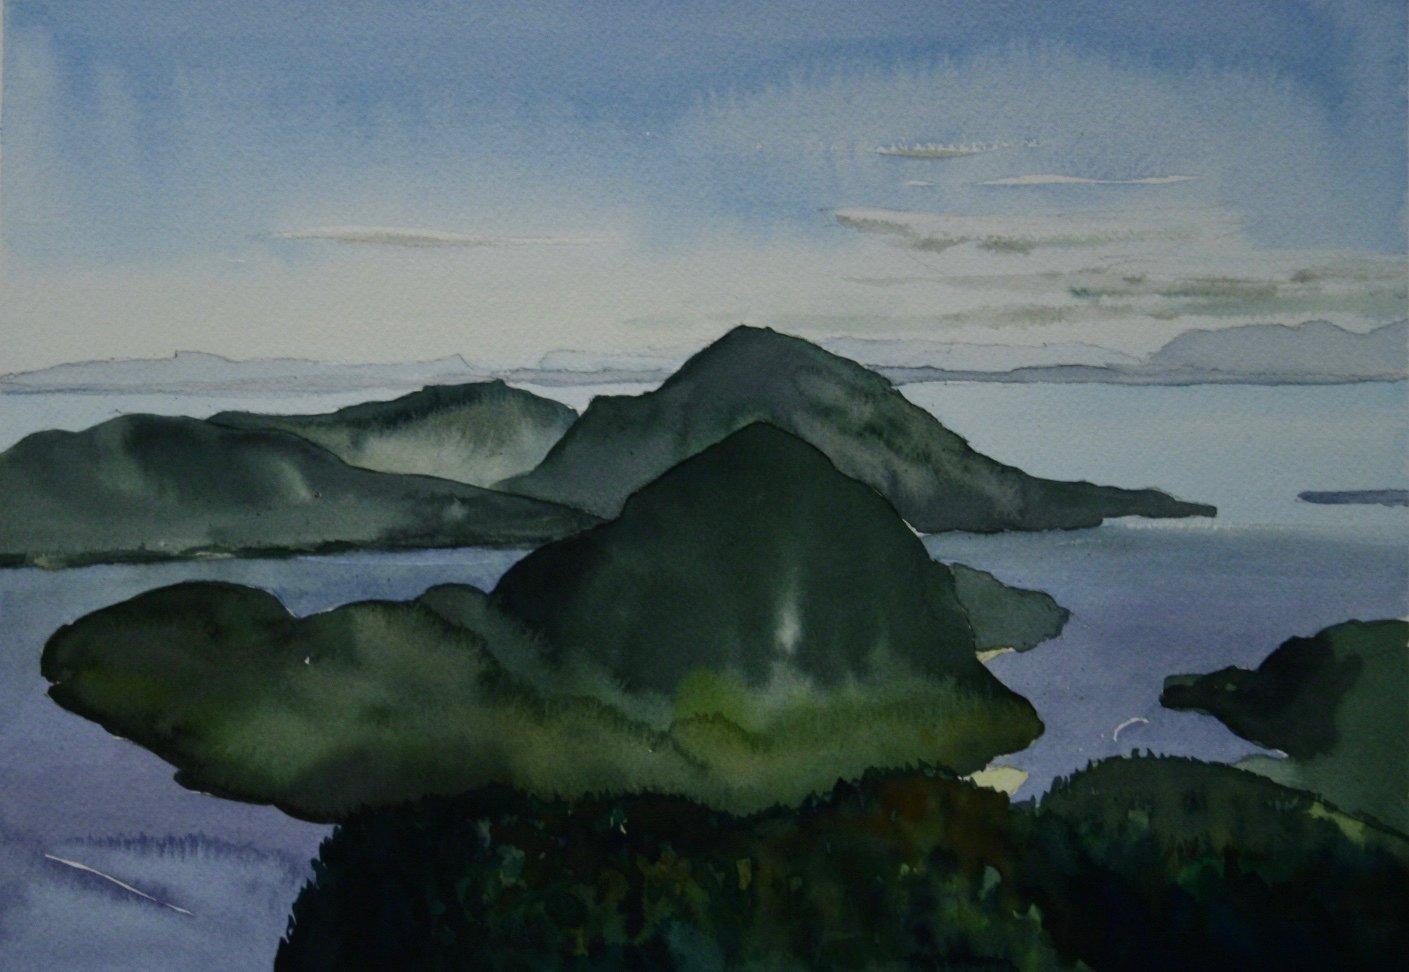 Peak view, Anvil Island, Howe Sound, BC